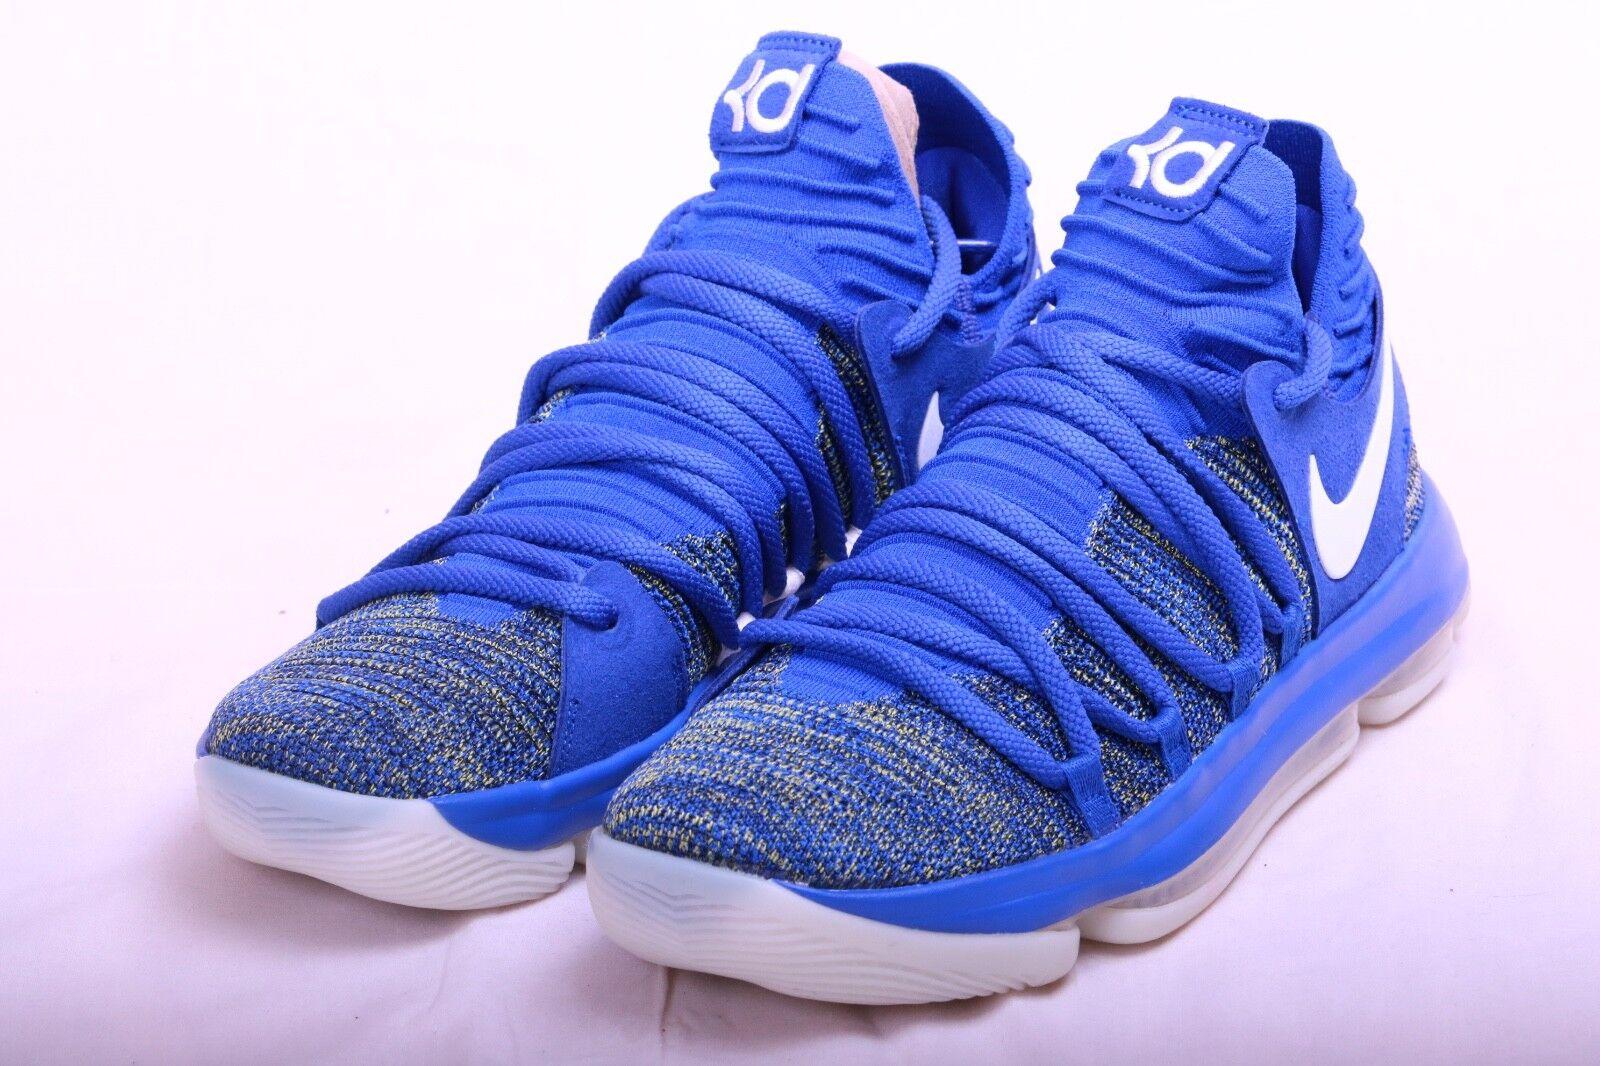 Nike Mens Zoom KD 10 Exclusive Racer bluee White White White AV4899 414 Size 9 1e3171